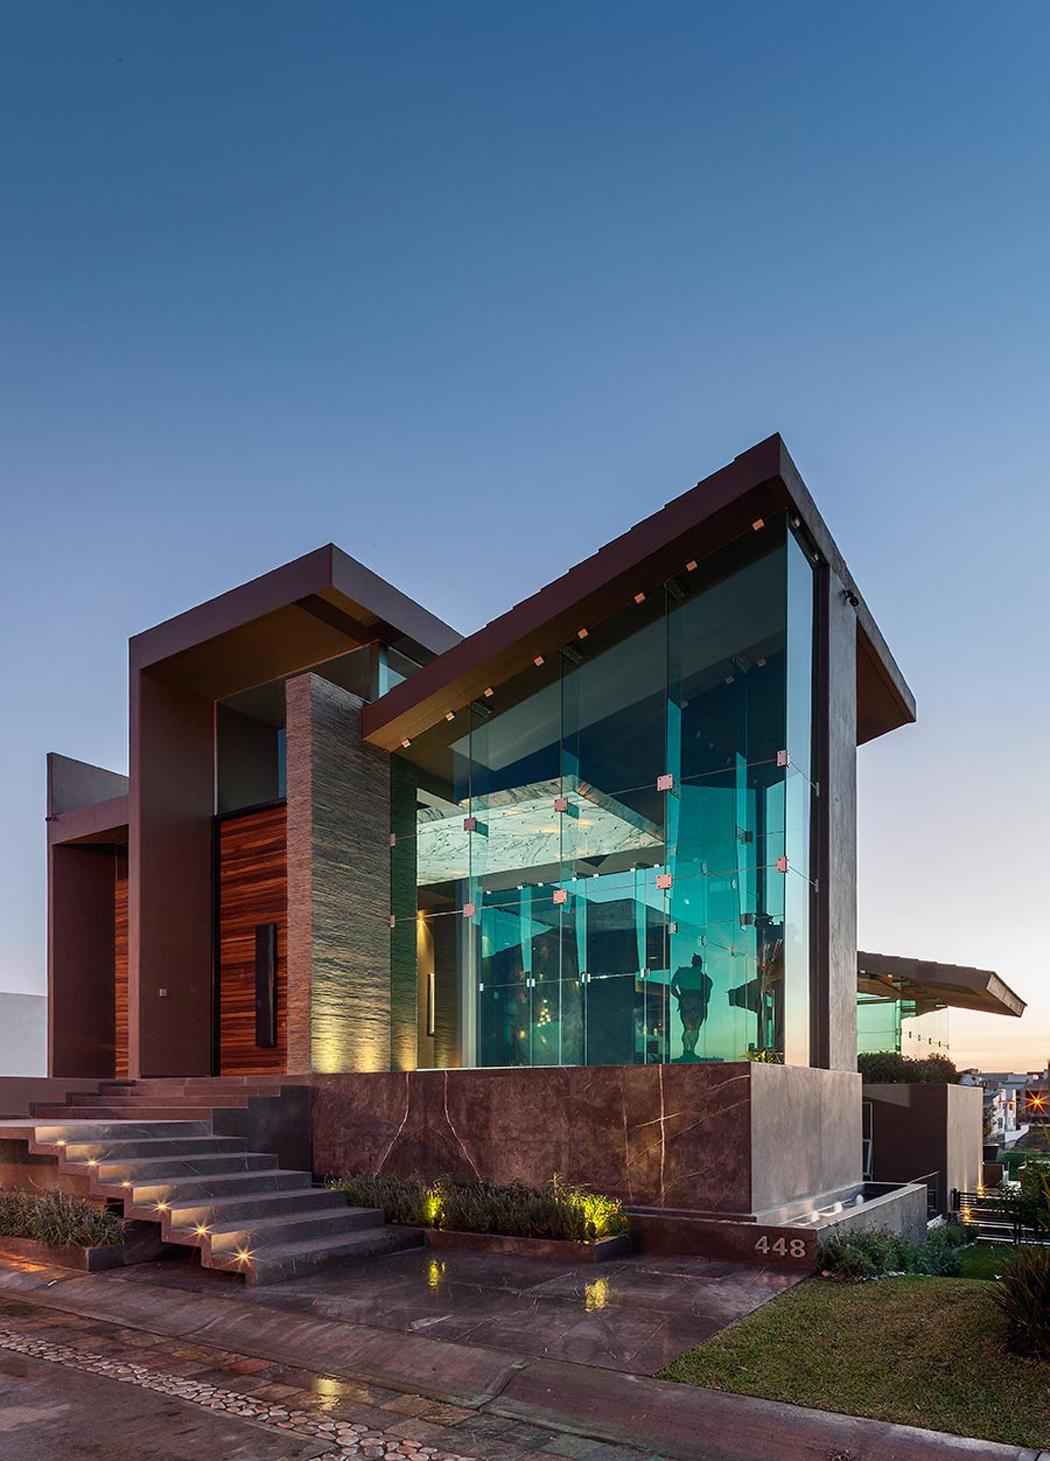 Maison contemporaine de ville situ e au c ur du mexique - Maison de ville architecture contemporaine ...